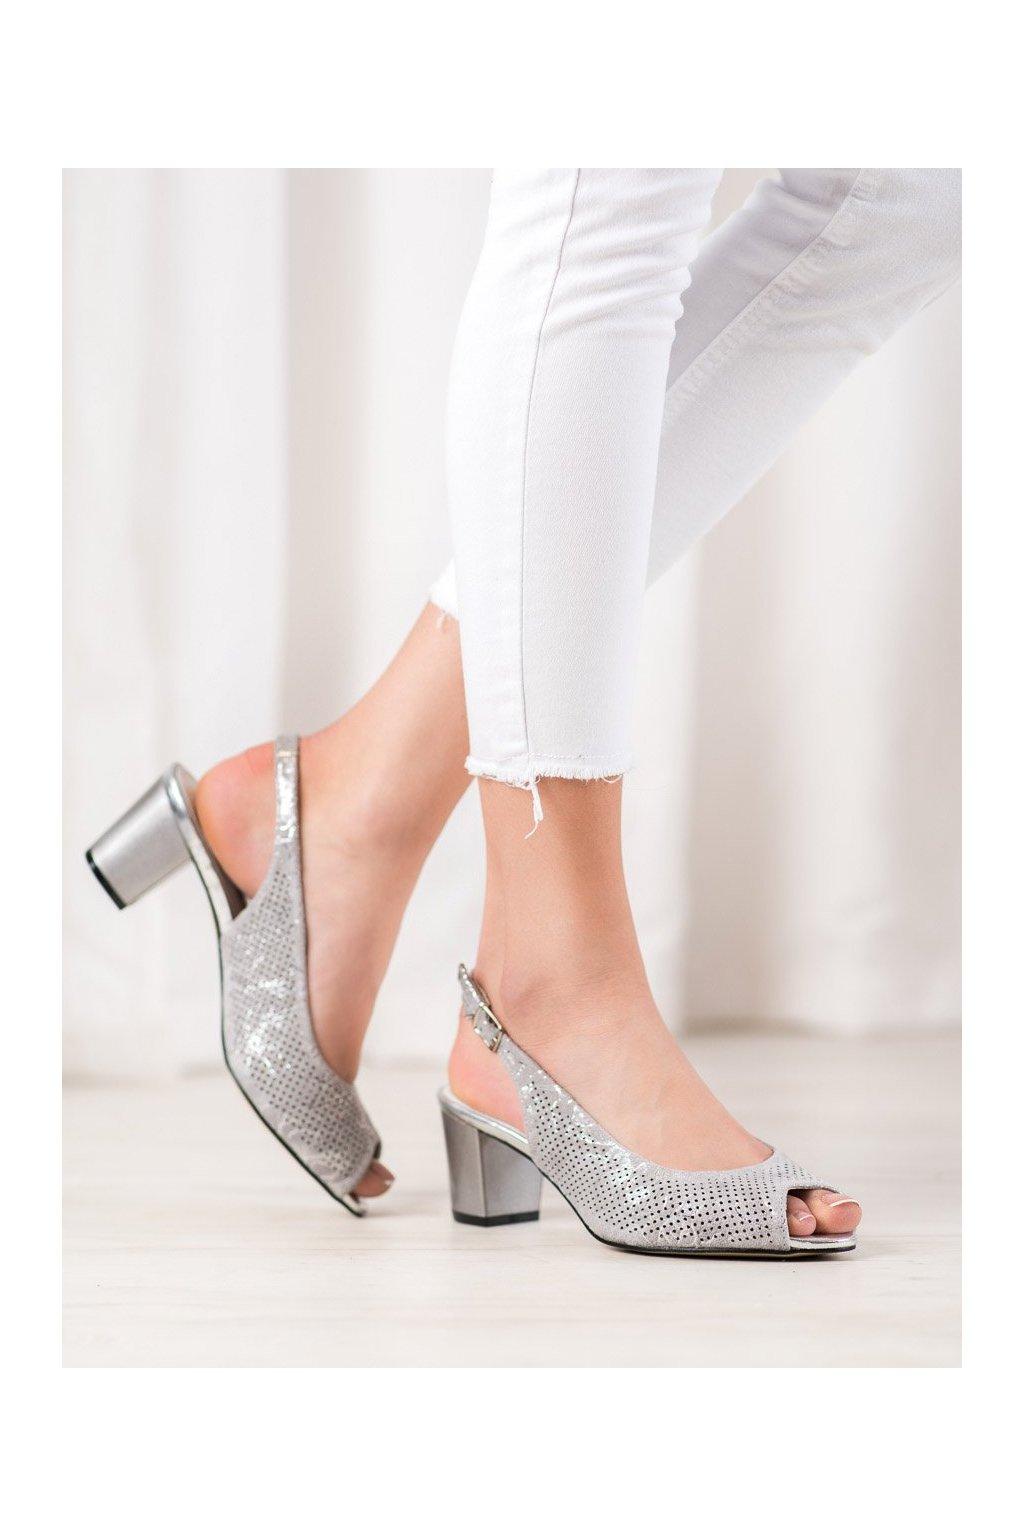 Sivé sandále Goodin kod FL1015A-G